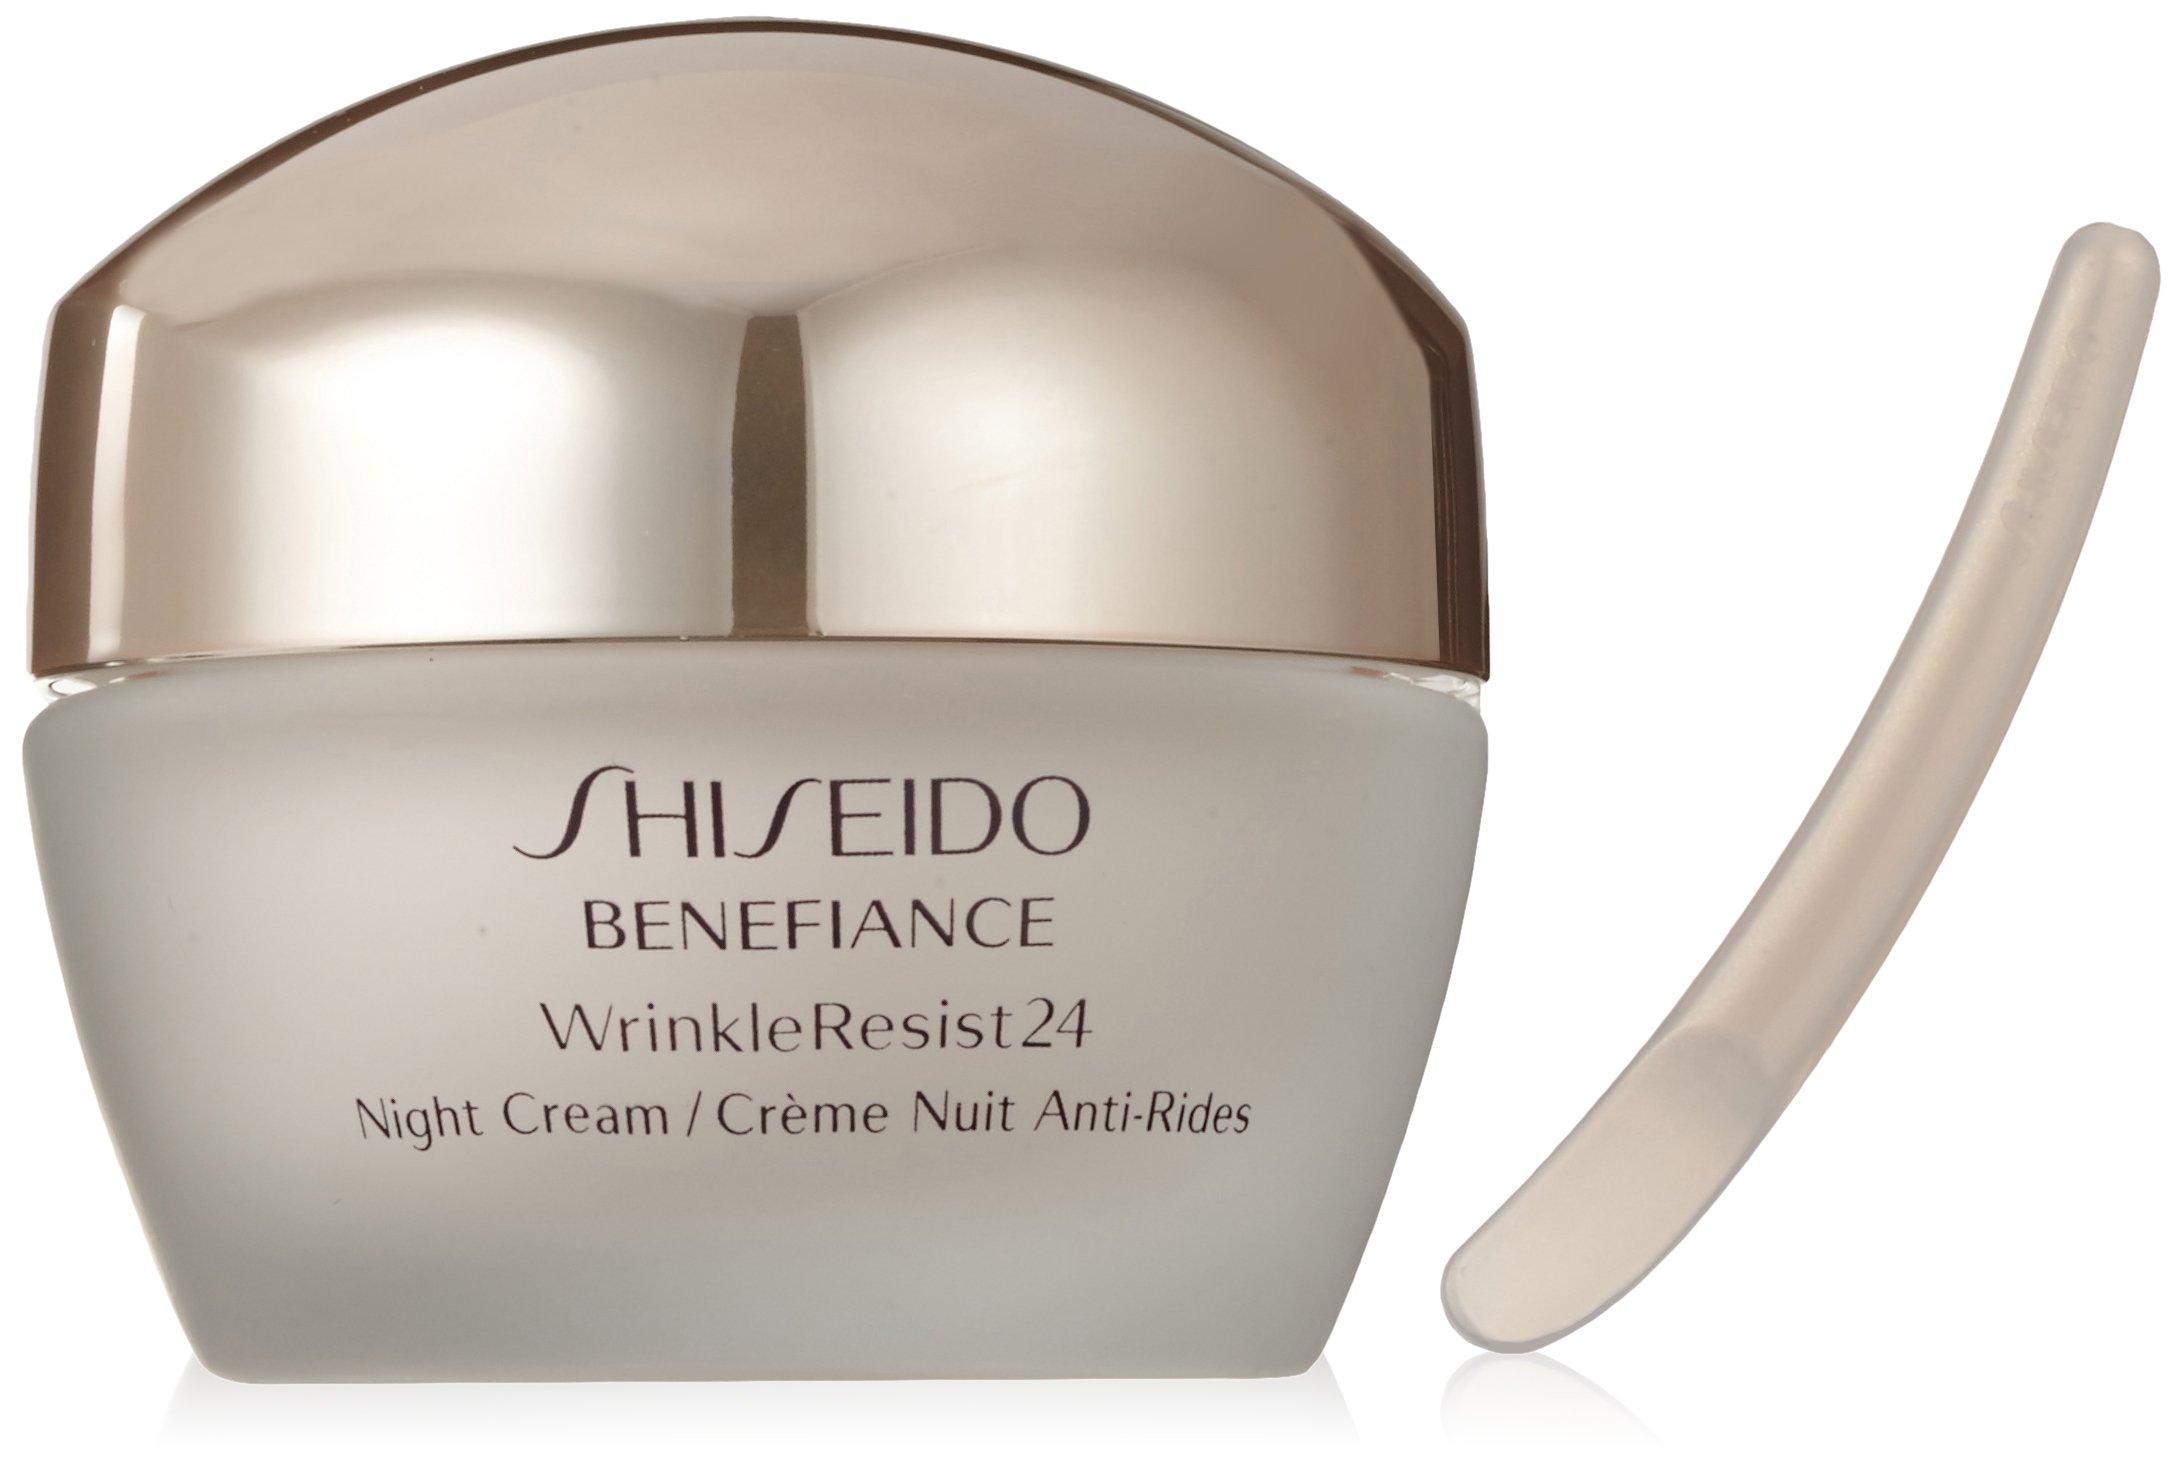 Shiseido Benefiance Wrinkleresist24 Night Cream for Unisex, 1.7 Ounce